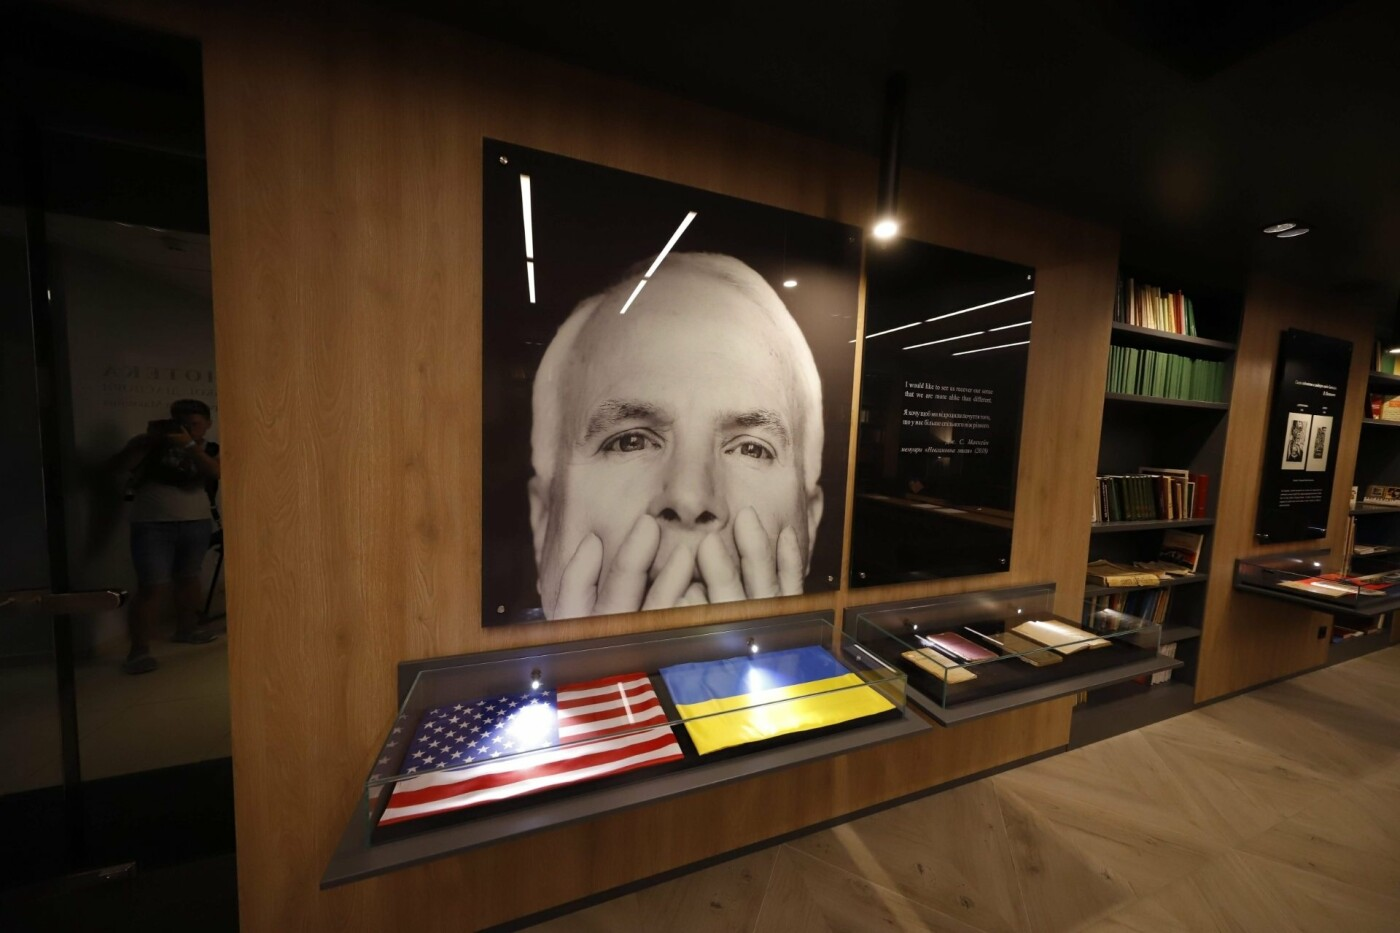 В Днепре открыли Библиотеку украинской диаспоры имени Джона Маккейна, - ФОТО, фото-2